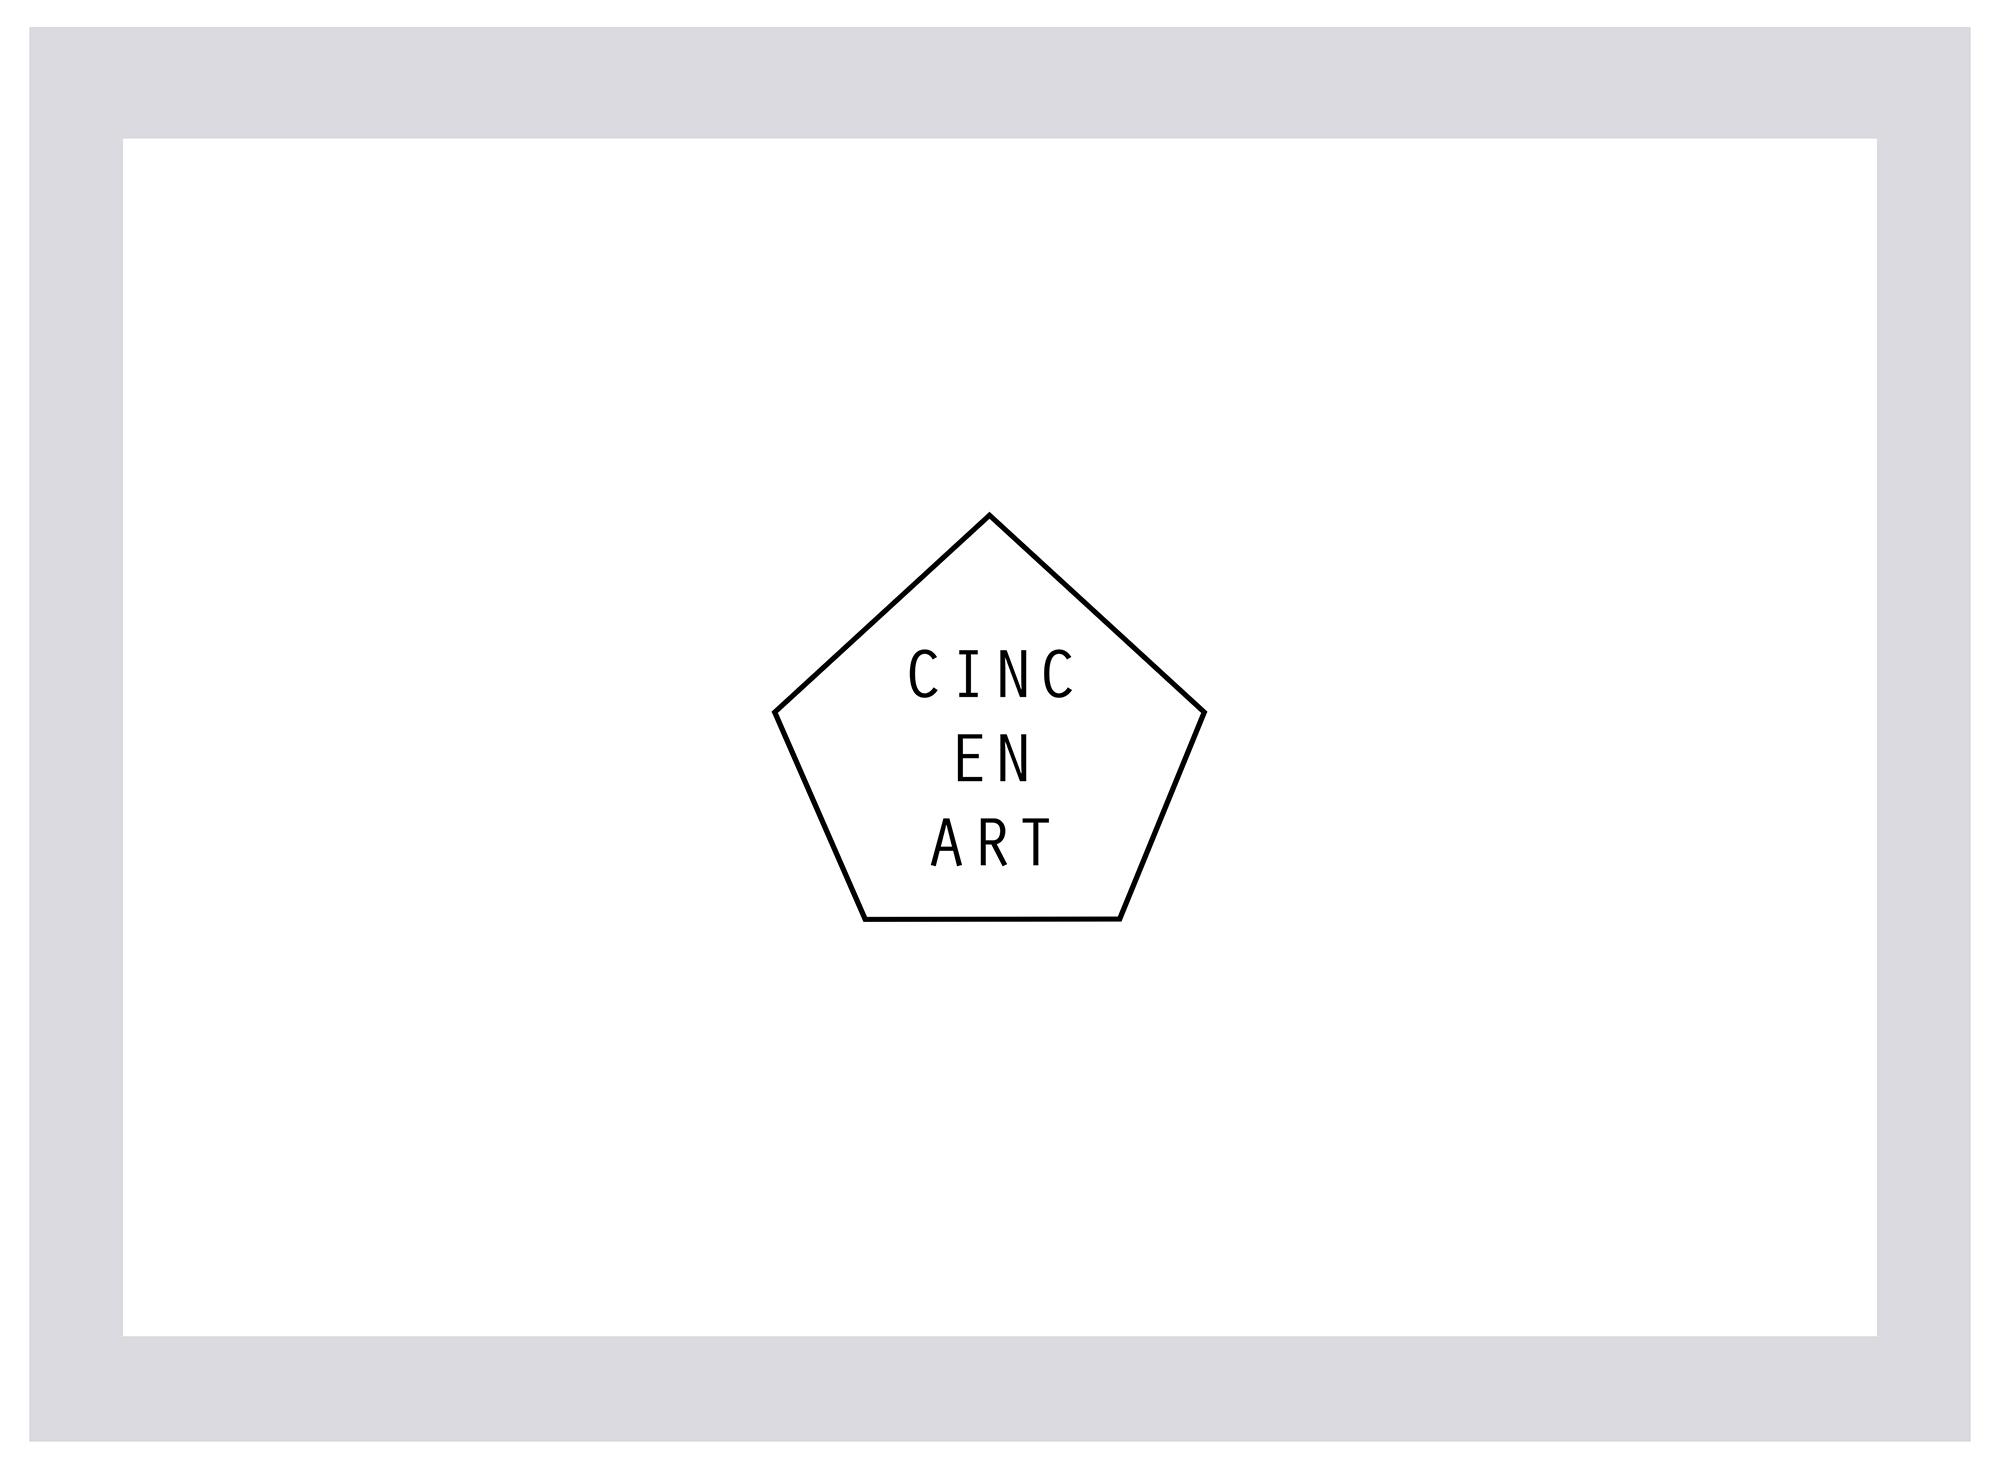 Cinc en Art - Imagen corporativa